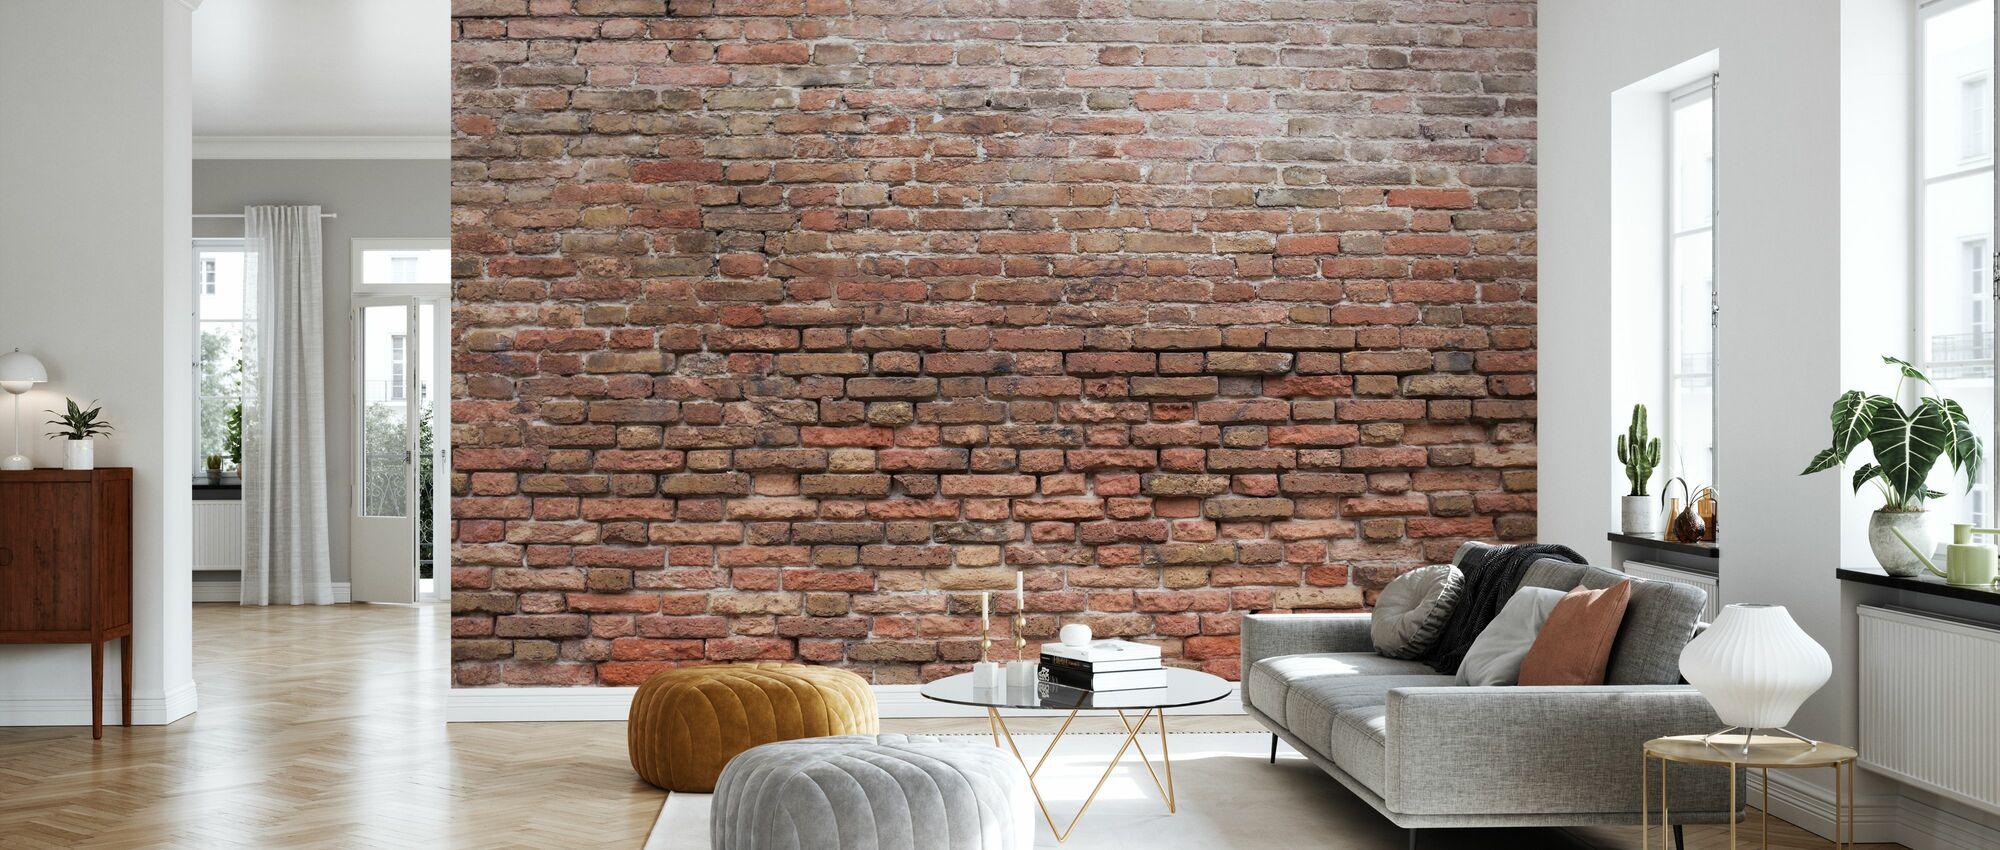 Vervallige bakstenen muur - Behang - Woonkamer